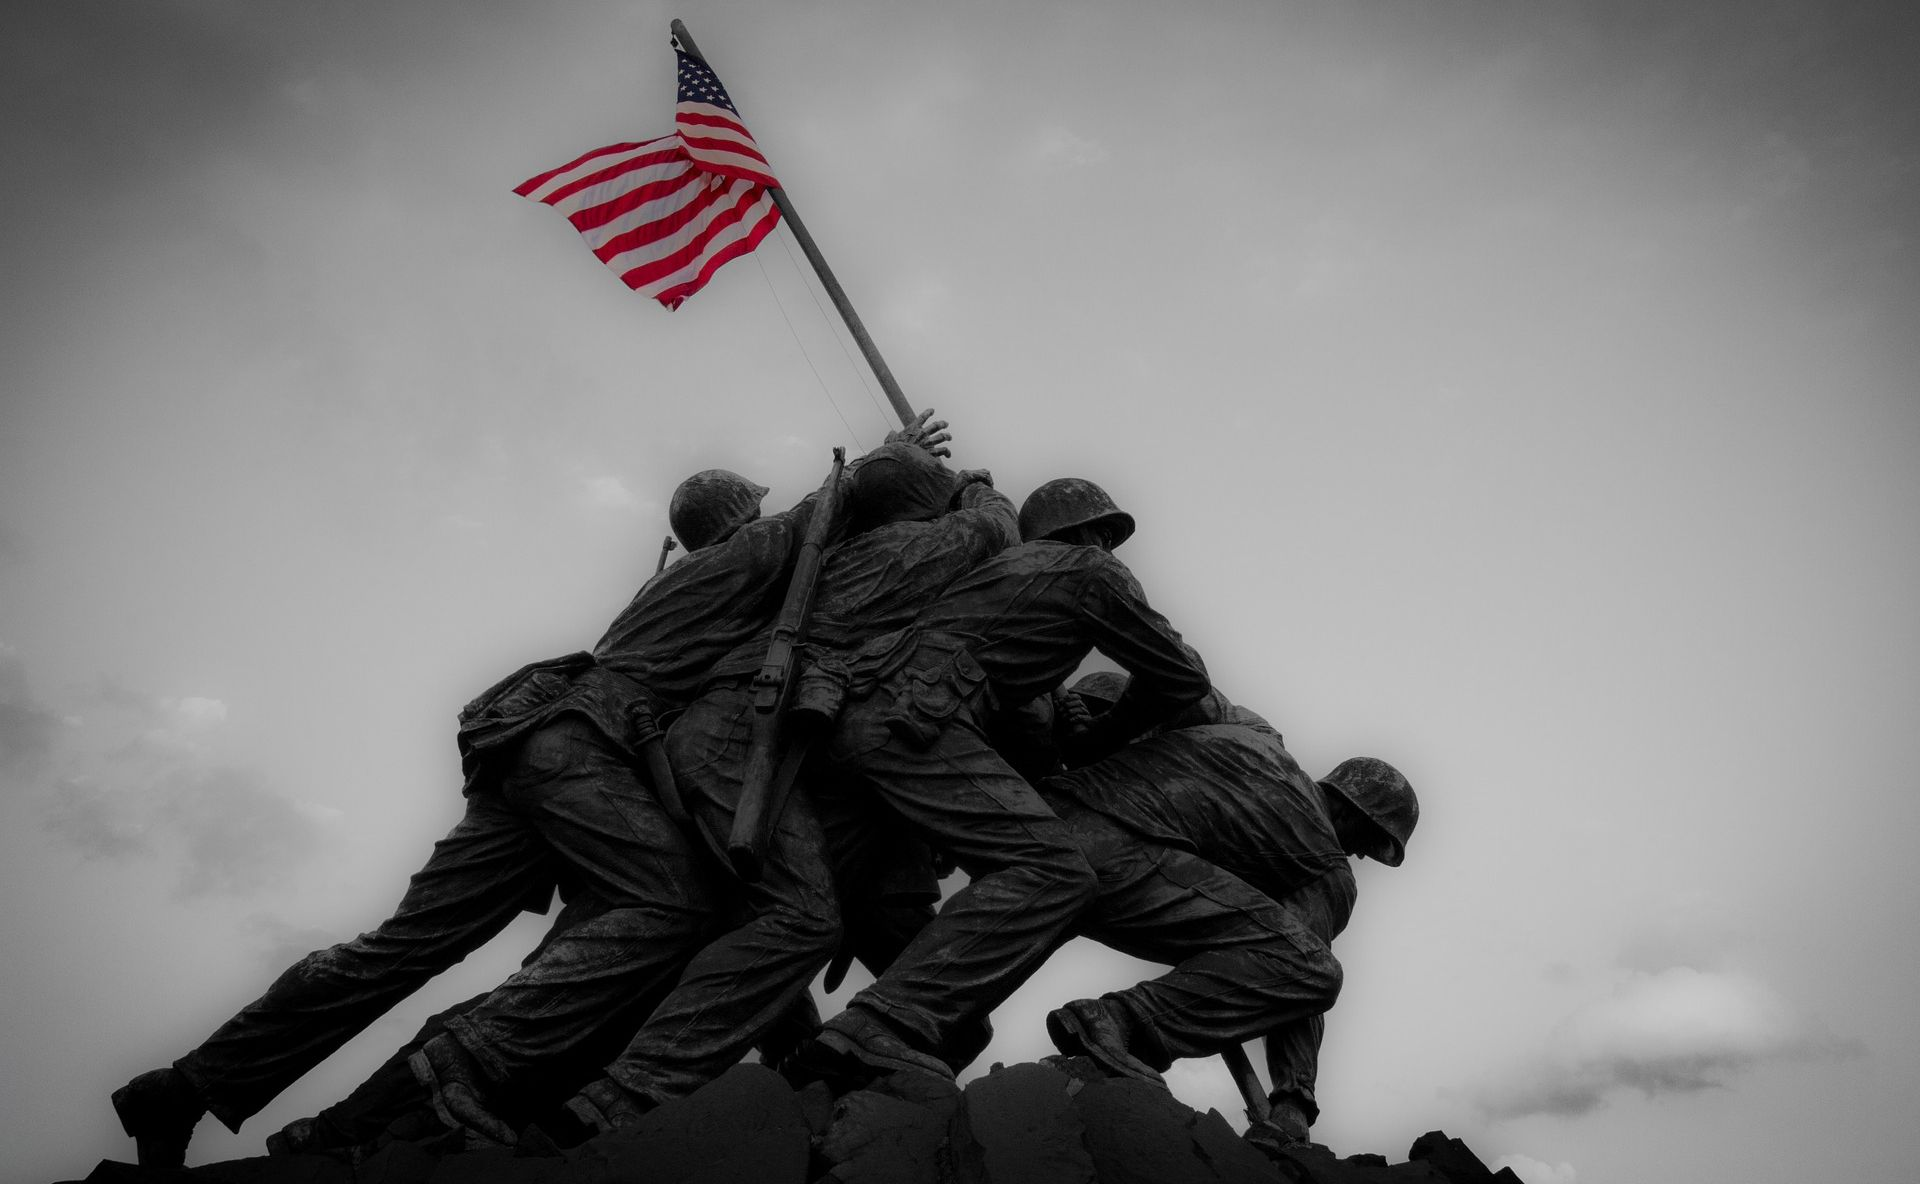 500 AMERIČKIH BRODOVA I 1.000 AVIONA GAĐALO JE MALI JAPANSKI OTOK! Obilježava se 75. godišnjica bitke za Iwo Jimu